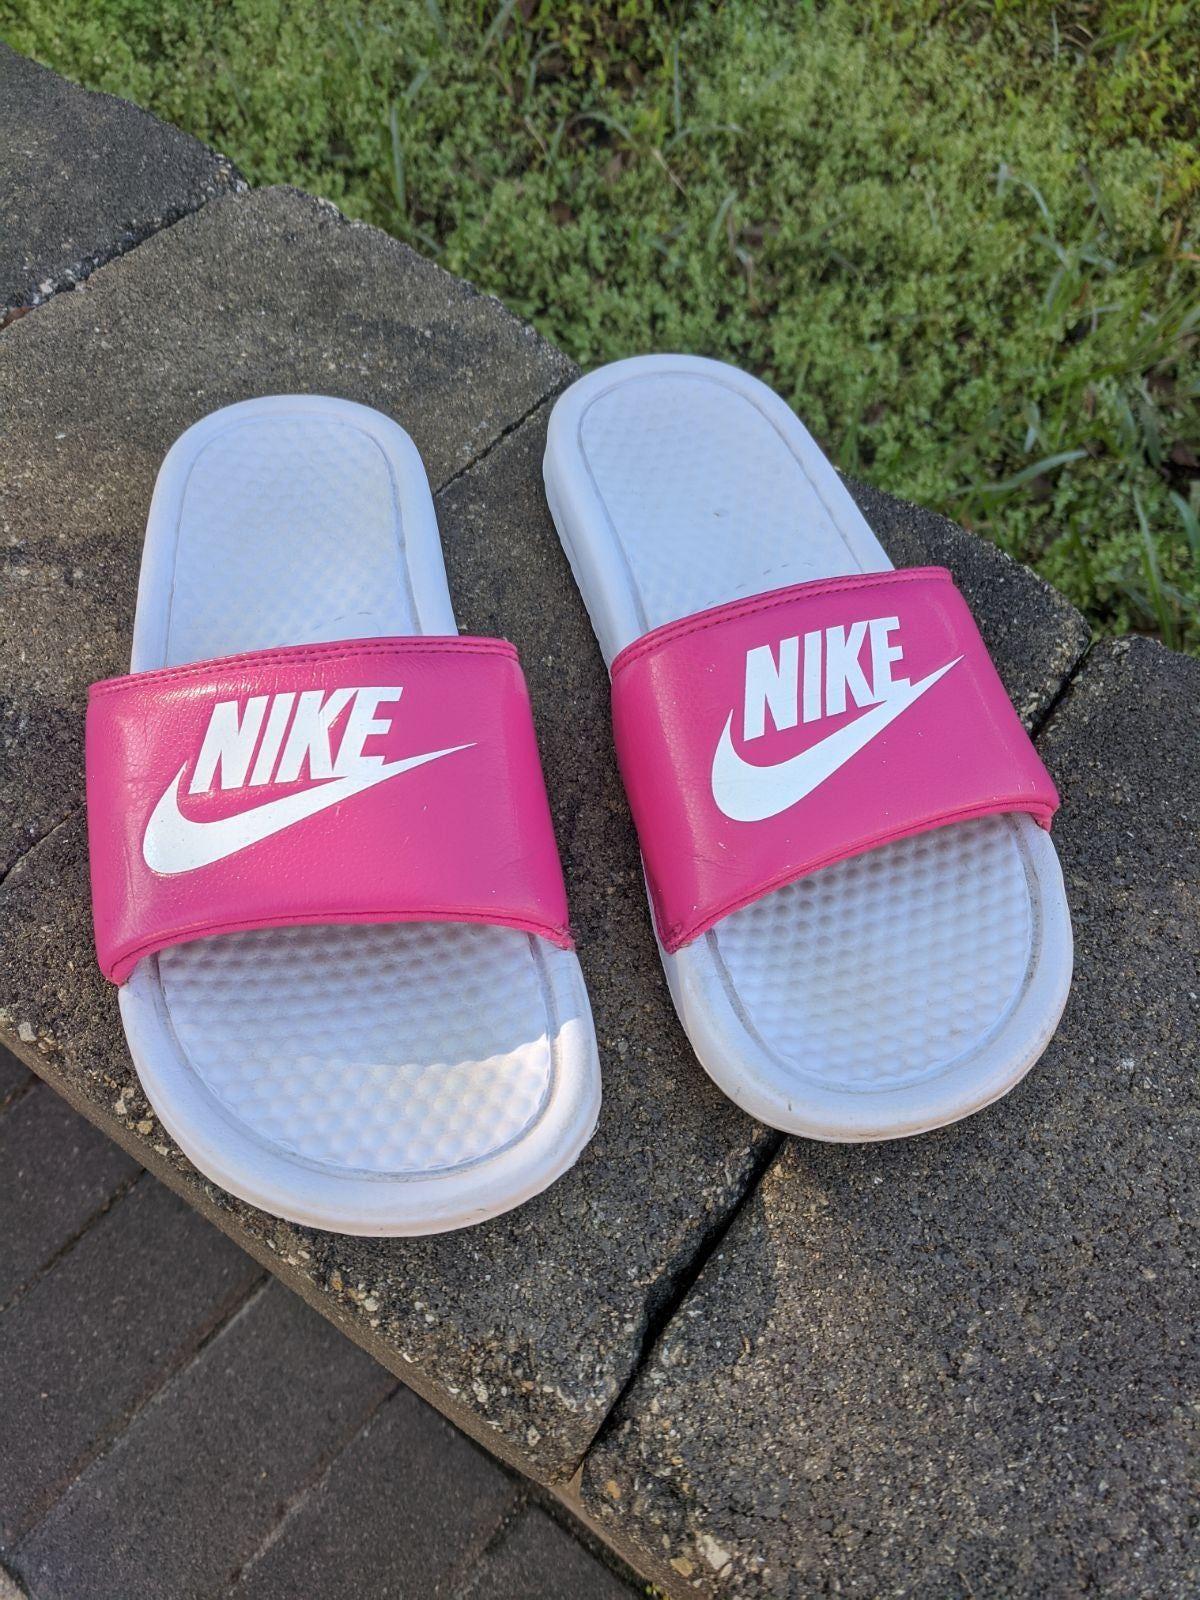 Nike slides, Nike women, Nike sandals